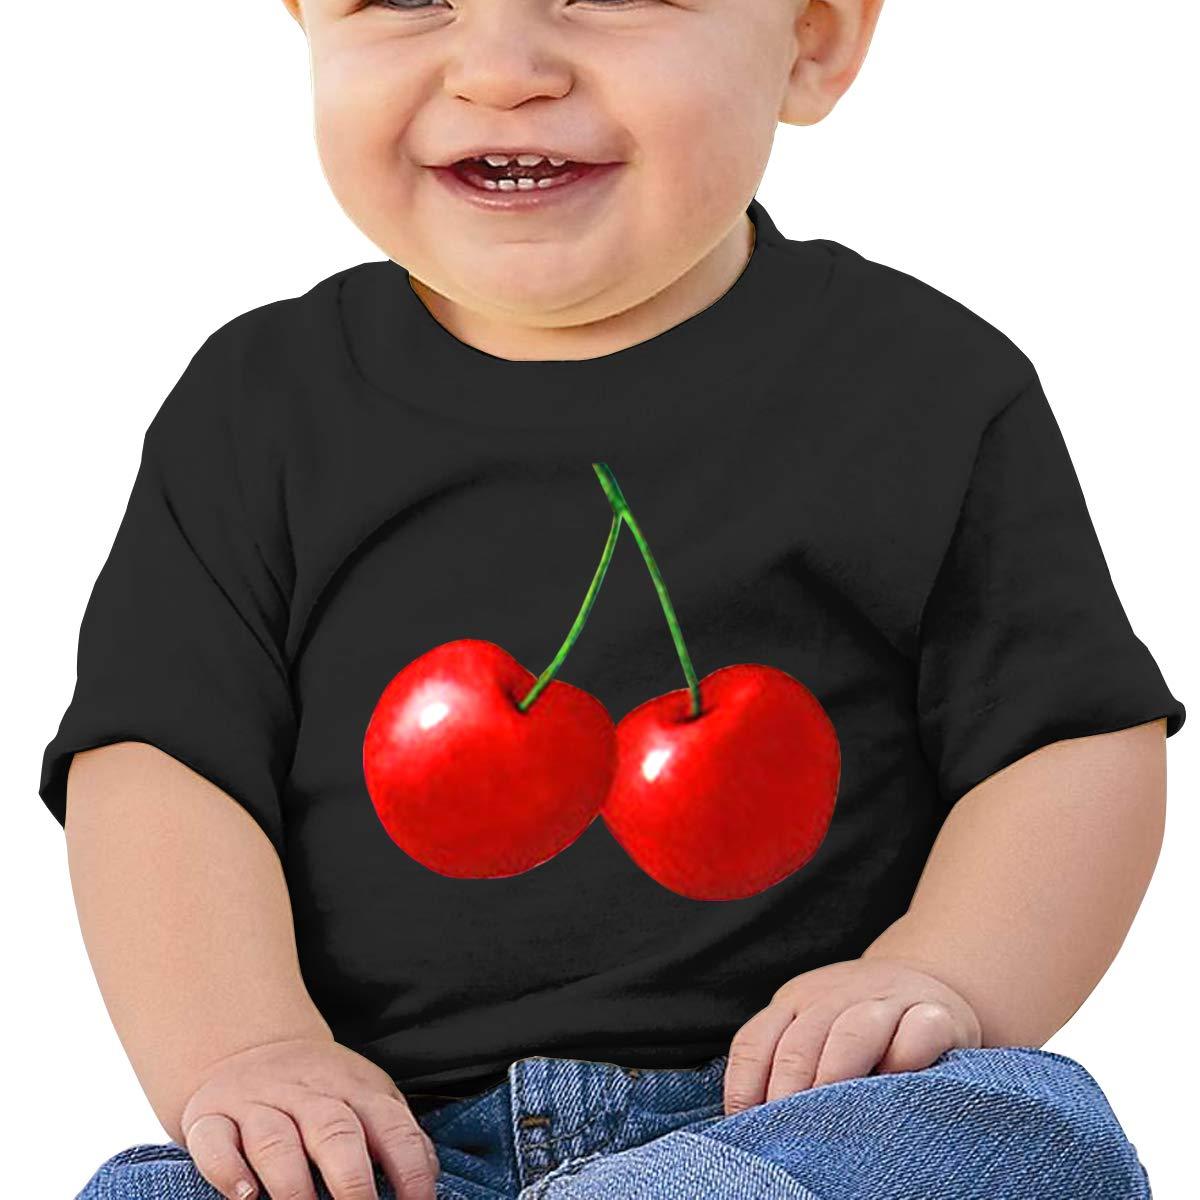 Qiop Nee Red Cherry Short-Sleeve Tee Baby Girls